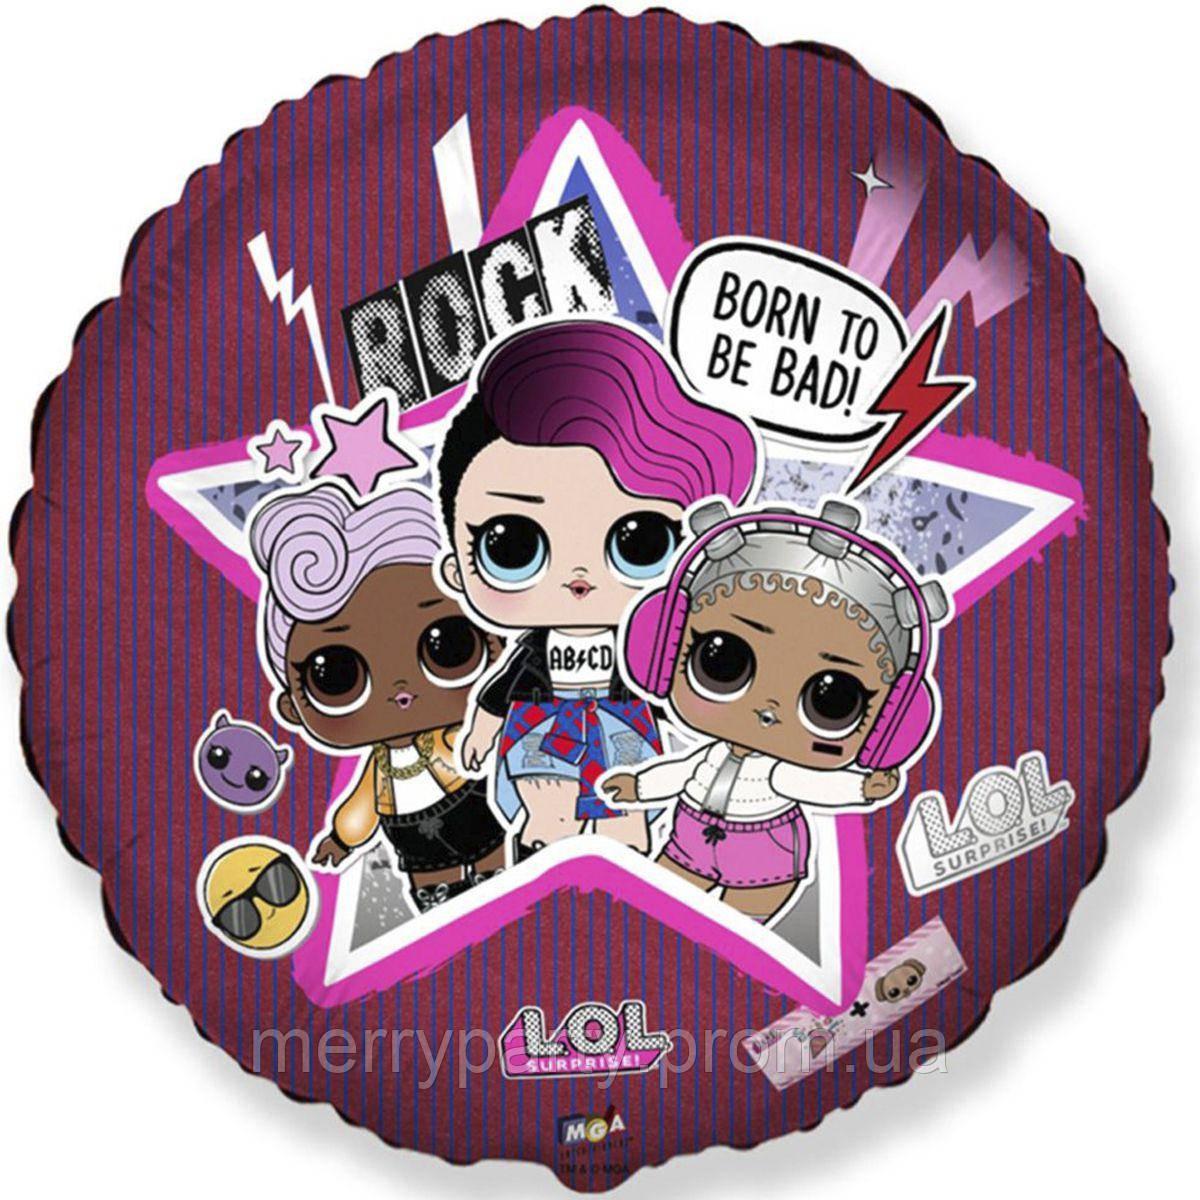 """Куклы Лол рок-группа 18"""" (45 см) круг Flexmetal Испания шар фольгированный"""